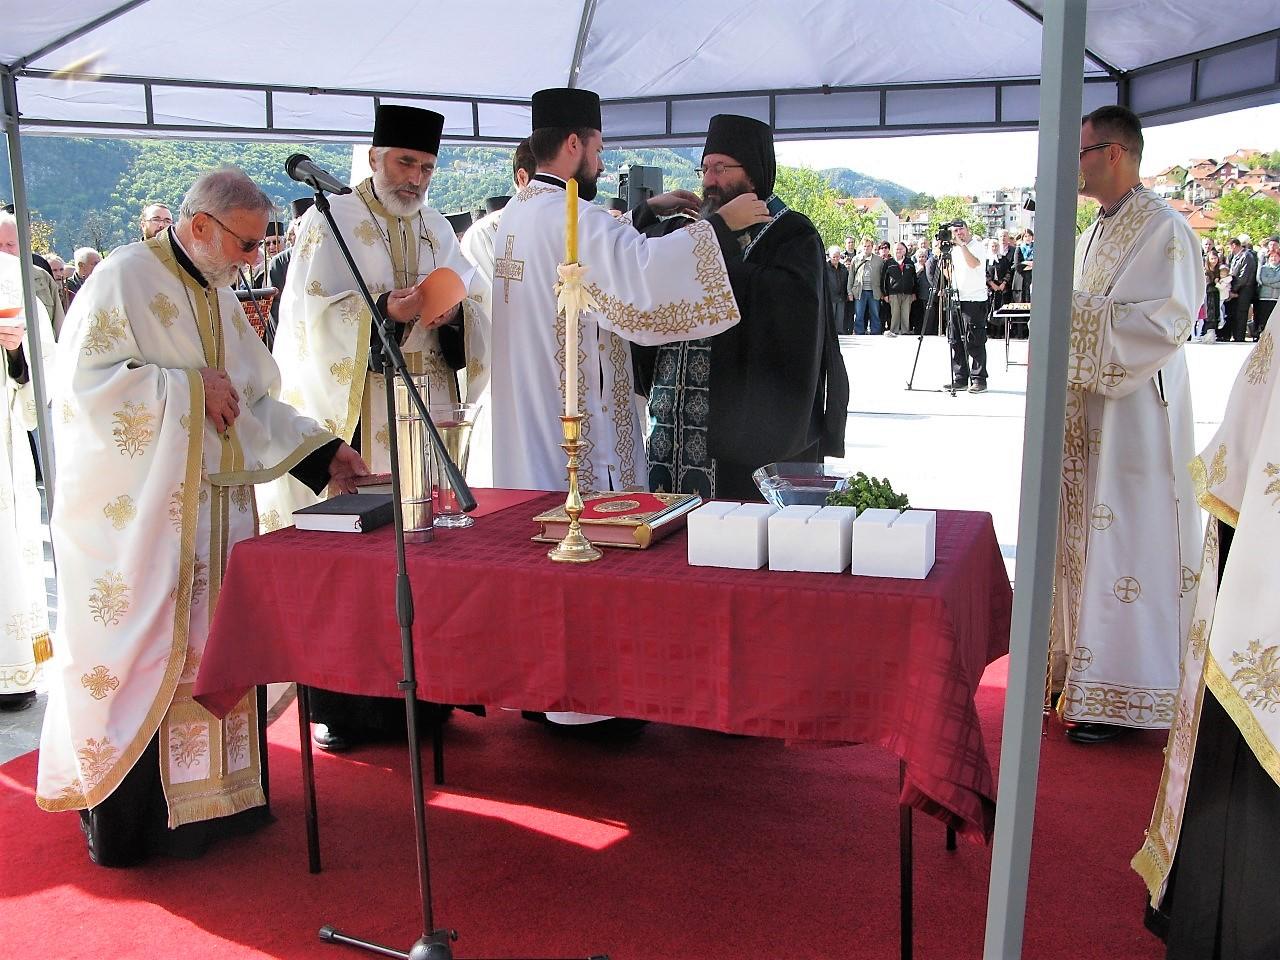 crkva pokrov presvete bogorodice krcagovo uzice (26)